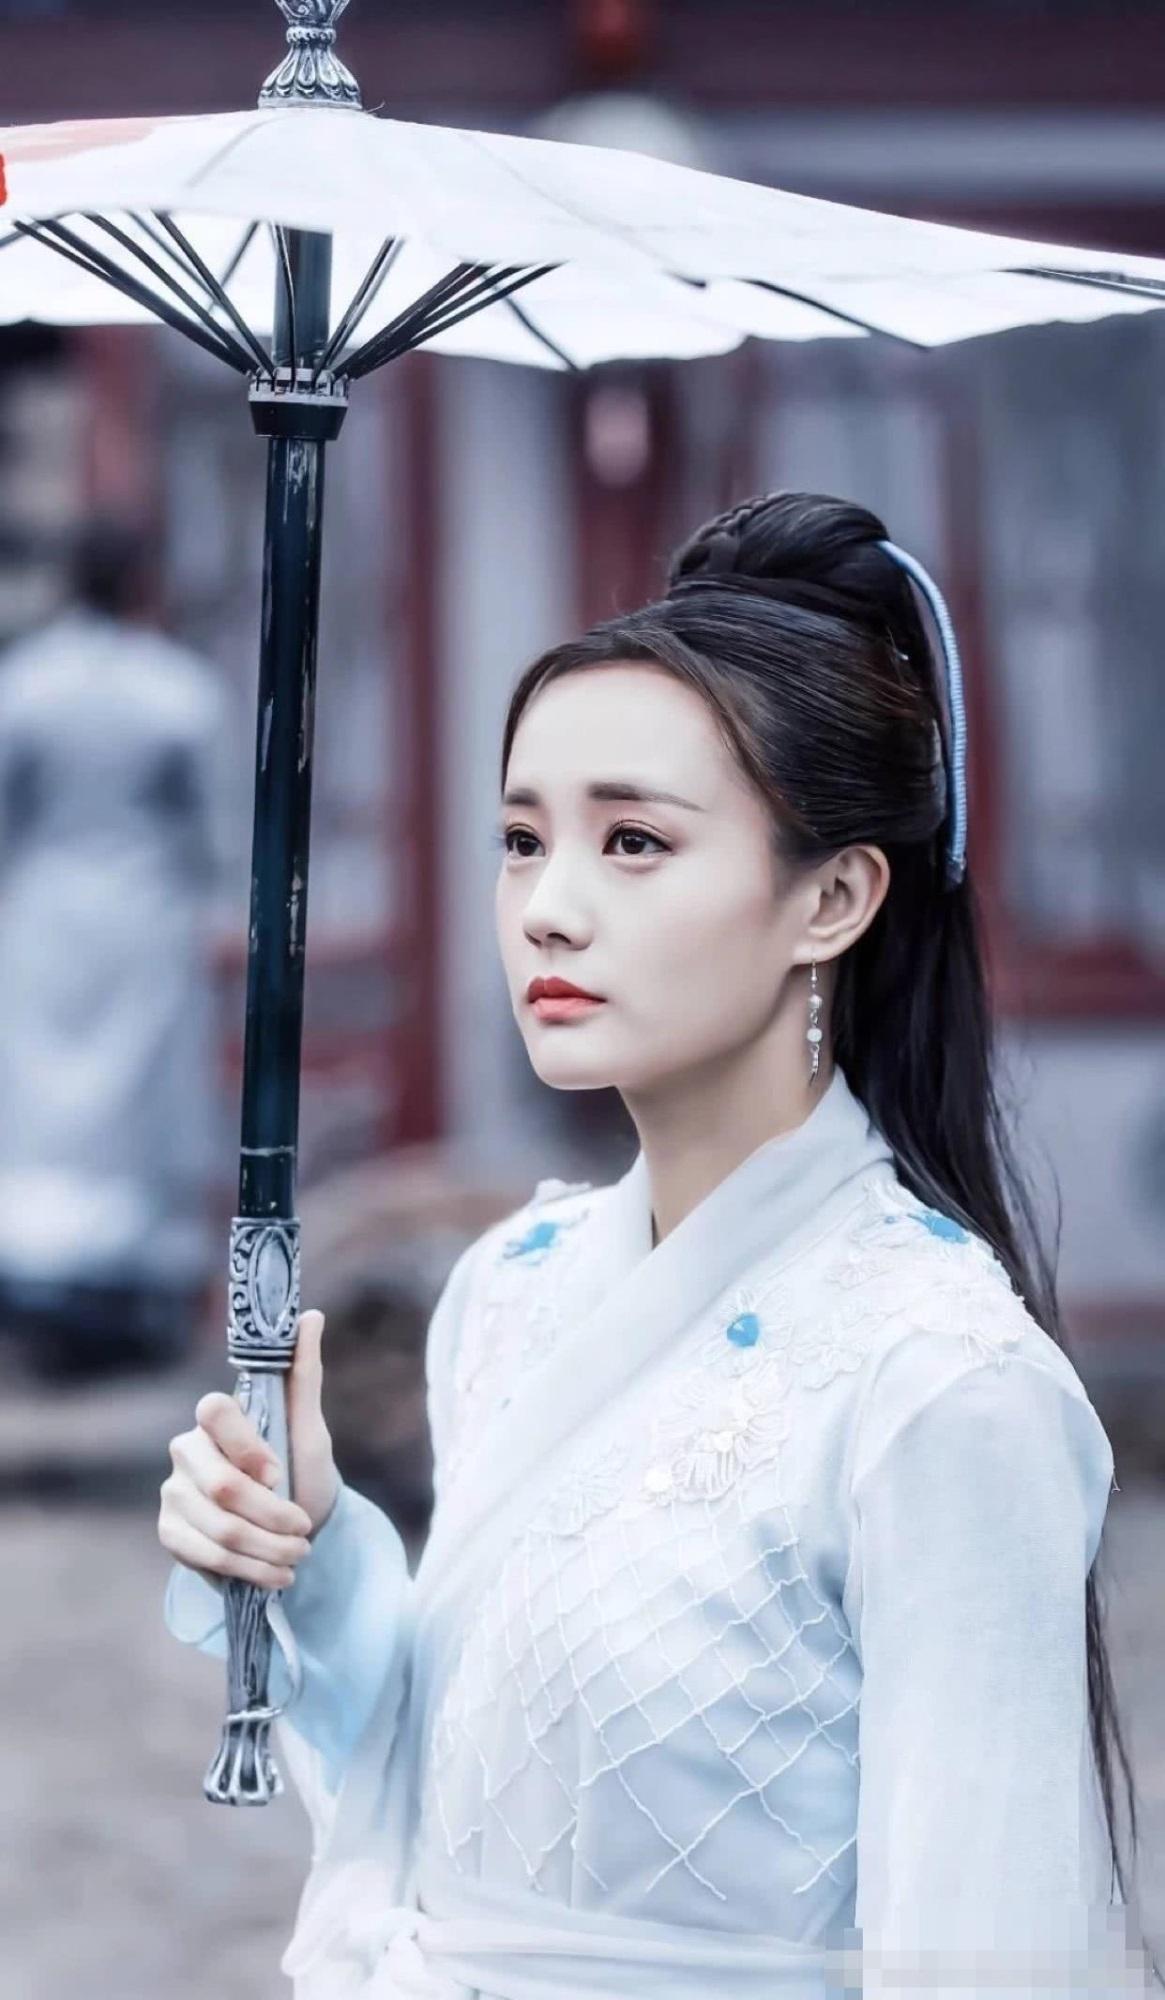 Hé lộ danh sách 4 mỹ nhân cổ trang mới của màn ảnh nhỏ Hoa ngữ - Ảnh 3